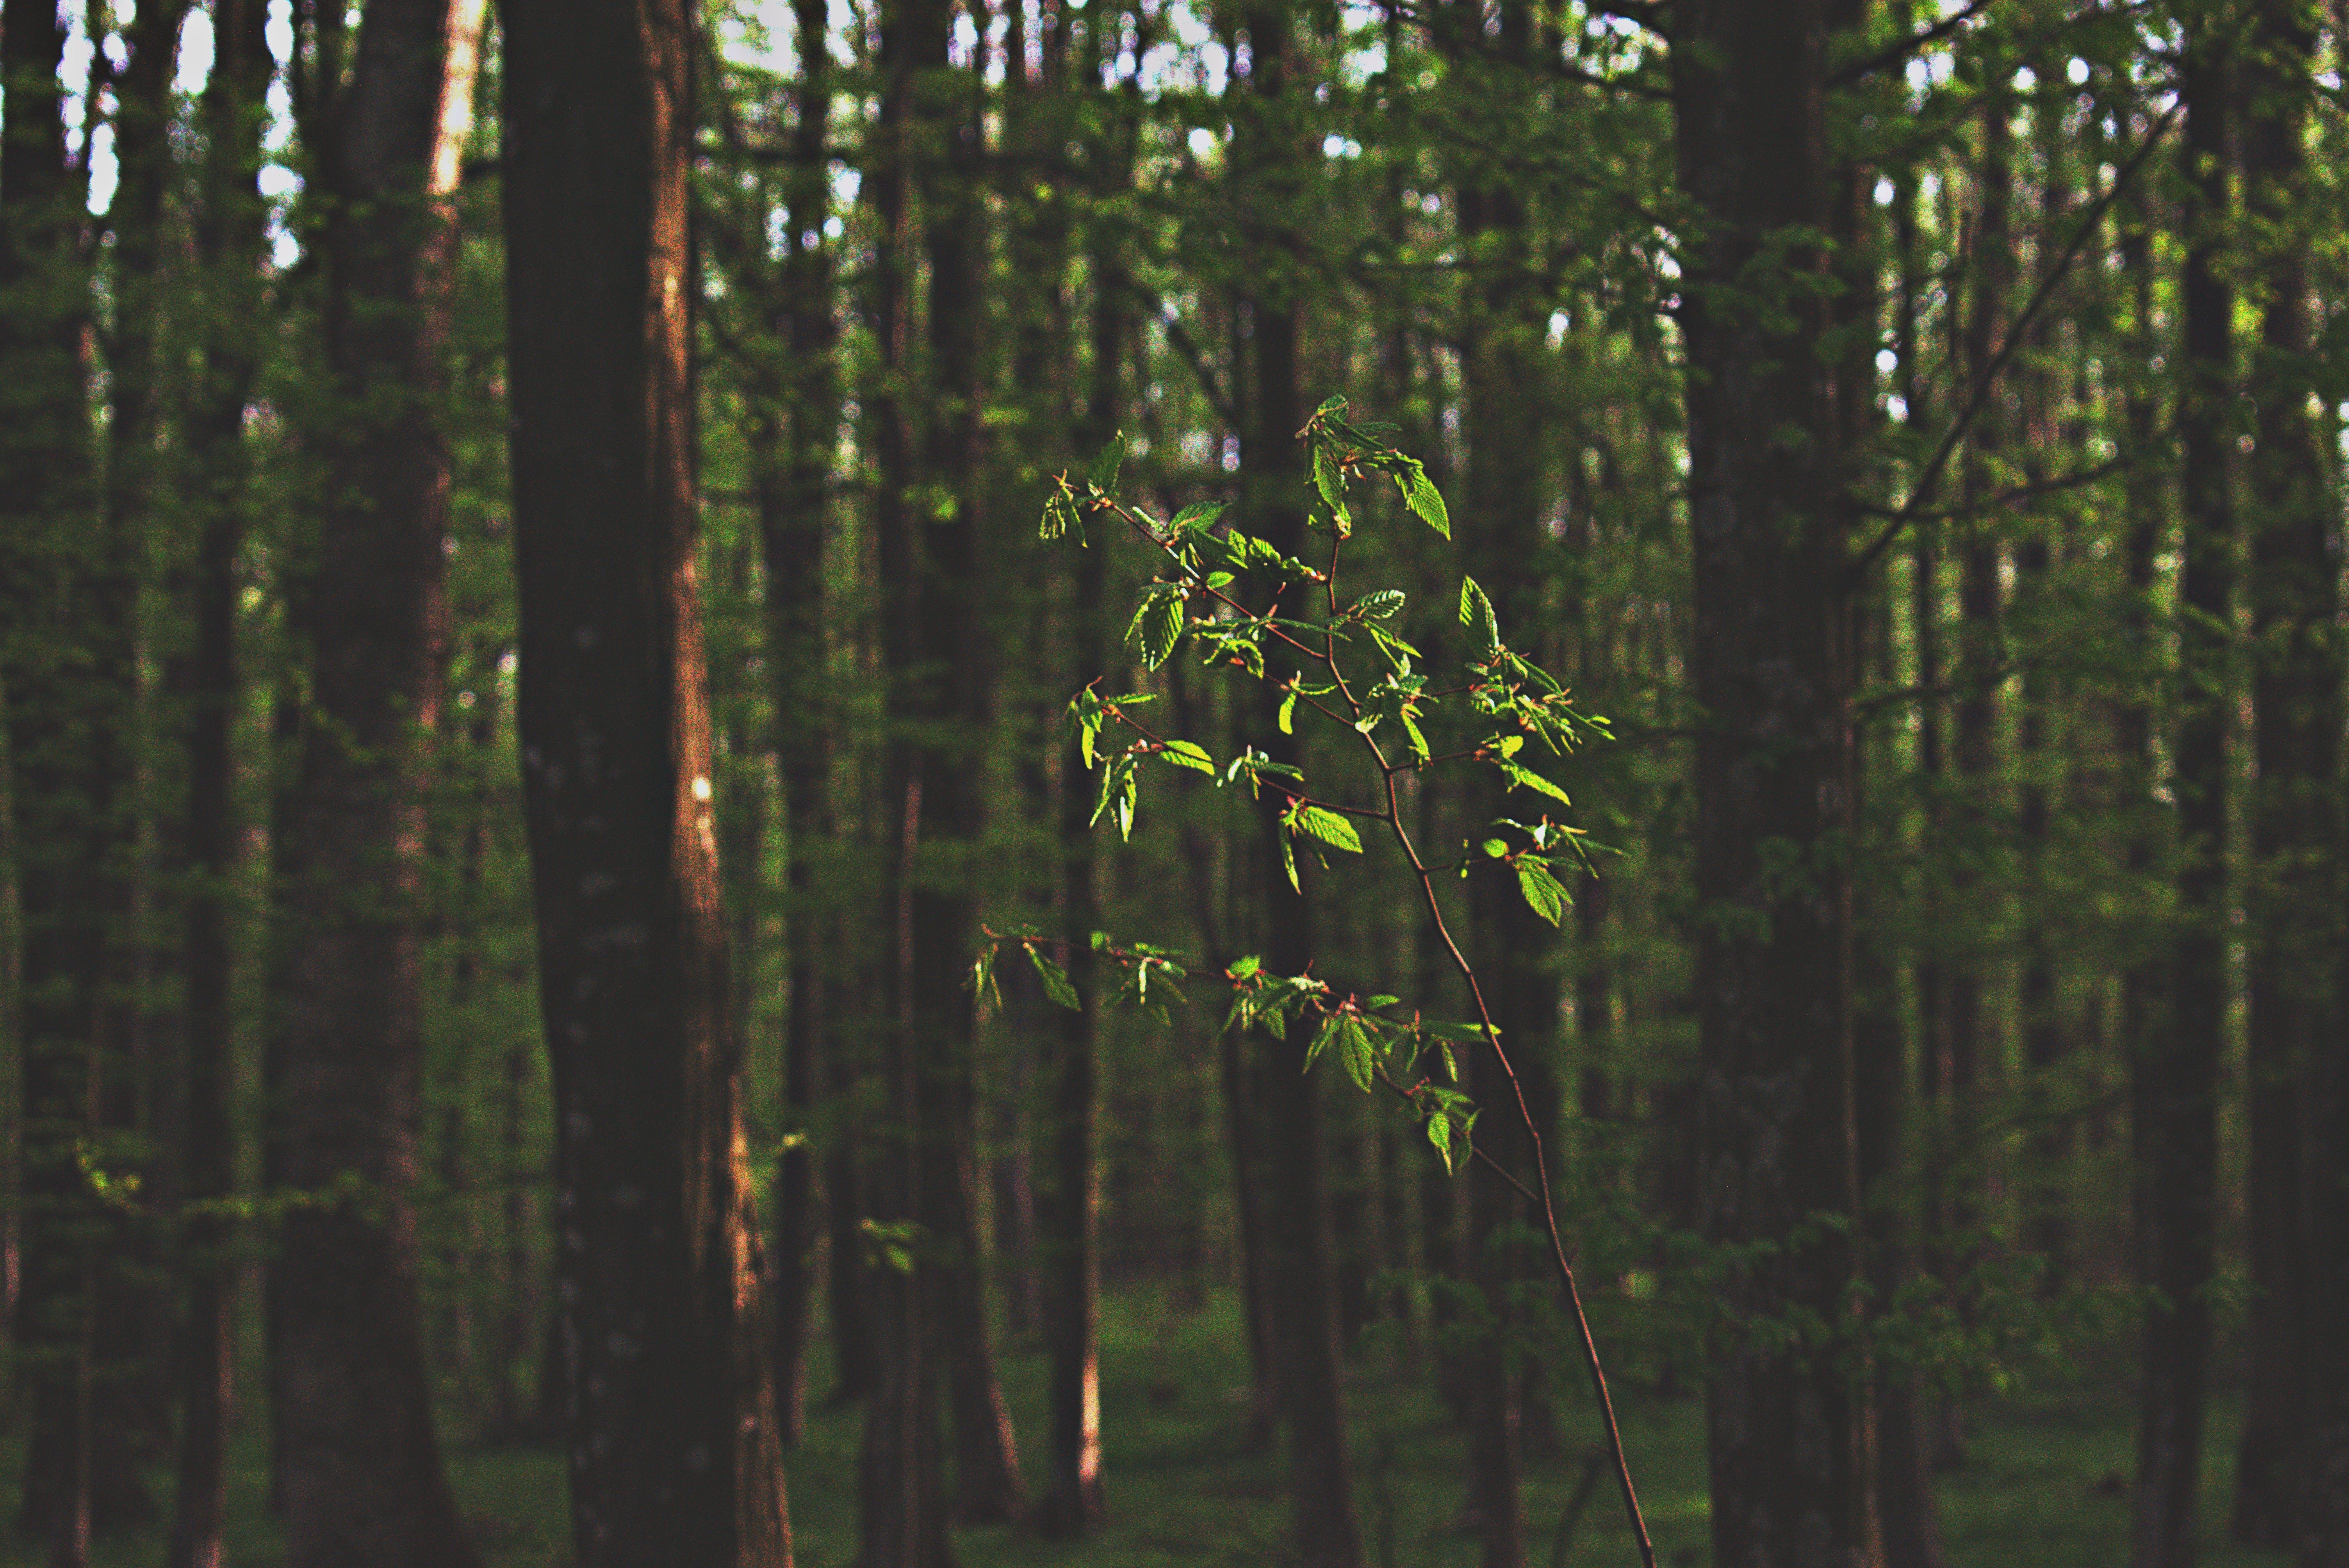 Green Tree Sapling